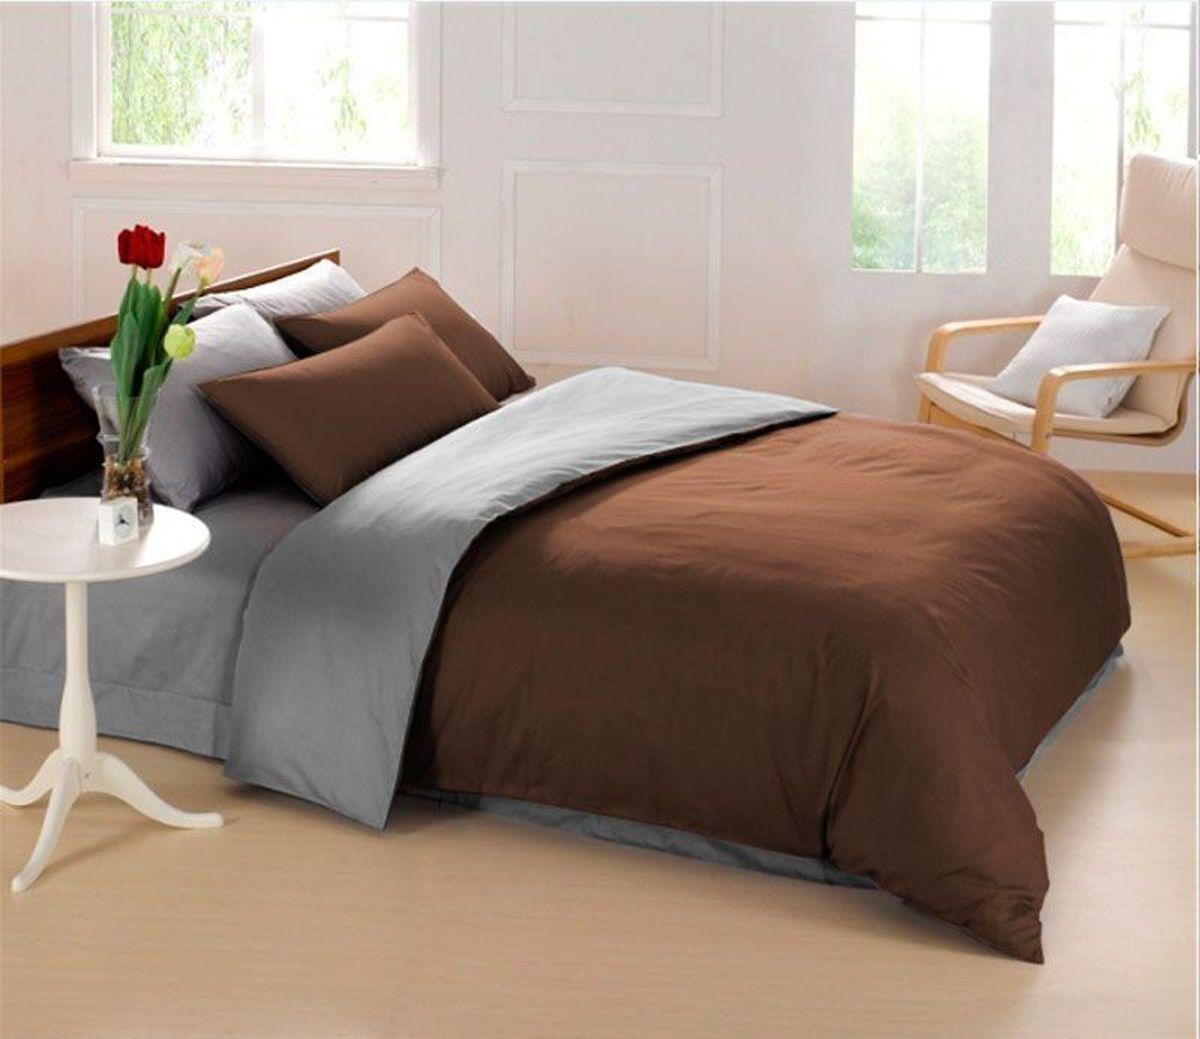 Постельное белье Sleep iX Perfection, семейный, цвет: темно-коричневый, серыйpva215438Известно, что цвет напрямую воздействует на психологическое и физическое состояние человека. Специально для наших покупателей мы внесли описание воздействия каждого цвета в комплекты постельного белья Perfection. Коричневый - спокойный и сдержанный цвет. Вызывает ощущение тепла, способствует созданию спокойного мягкого настроения. Это цвет надежности, прочности, здравого смысла. Серый – нейтральный цвет. Расслабляет, помогает успокоиться и способствует здоровому сну. Усиливает воздействие соседствующих цветов. Производитель: Sleep iX Материал: Микрофреш (100 г/м2) Состав материала: 100% микрофибра Размер: Семейное (2 пододеял.) Размер пододеяльника: 150х220 см Тип застежки на пододеяльнике: Молния (100 см) Размер простыни: 220х240 (обычная) Размер наволочек: 50х70 и 70х70 (по 2 шт) Тип застежки на наволочках: Клапан (20 см) Упаковка комплекта: Подарочная Коробка Cтрана производства: Китай Расположение цветов на комплекте постельного...